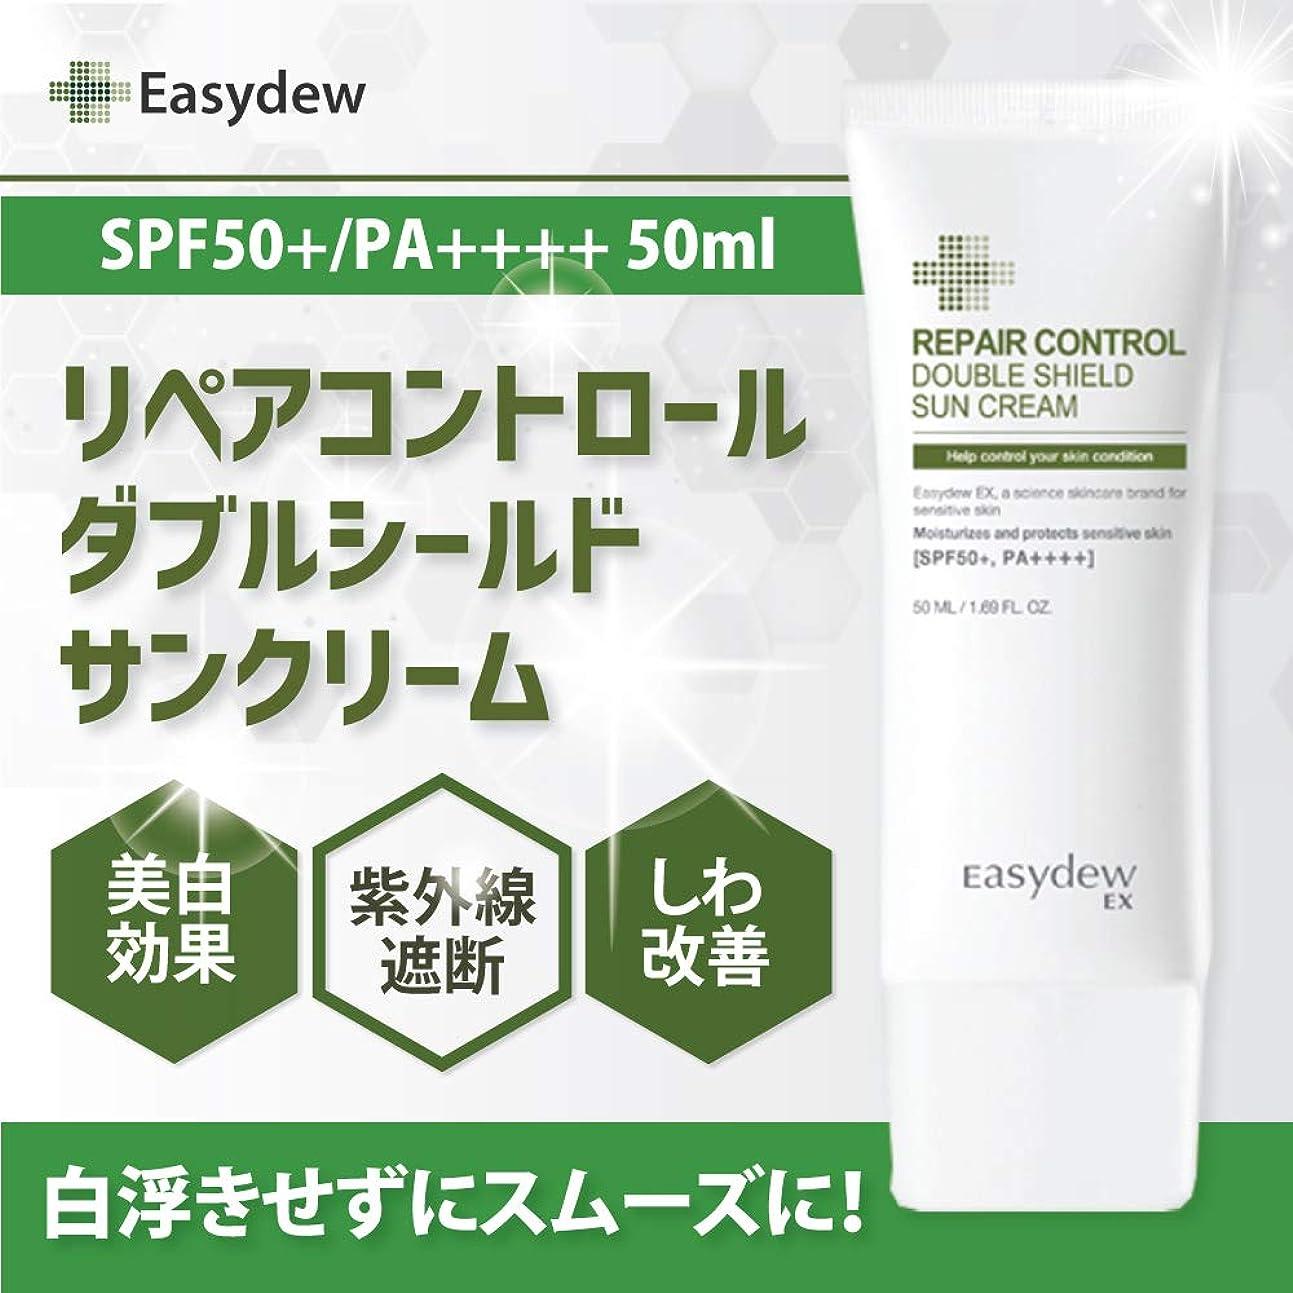 日帰り旅行にリベラル永久にデウン製薬 リペア コントロール ダブル シールド サン?クリーム SPF50+/PA++++ 50ml. Repair Control Double Shild Sun Cream SPF50+/PA++++ 50ml.